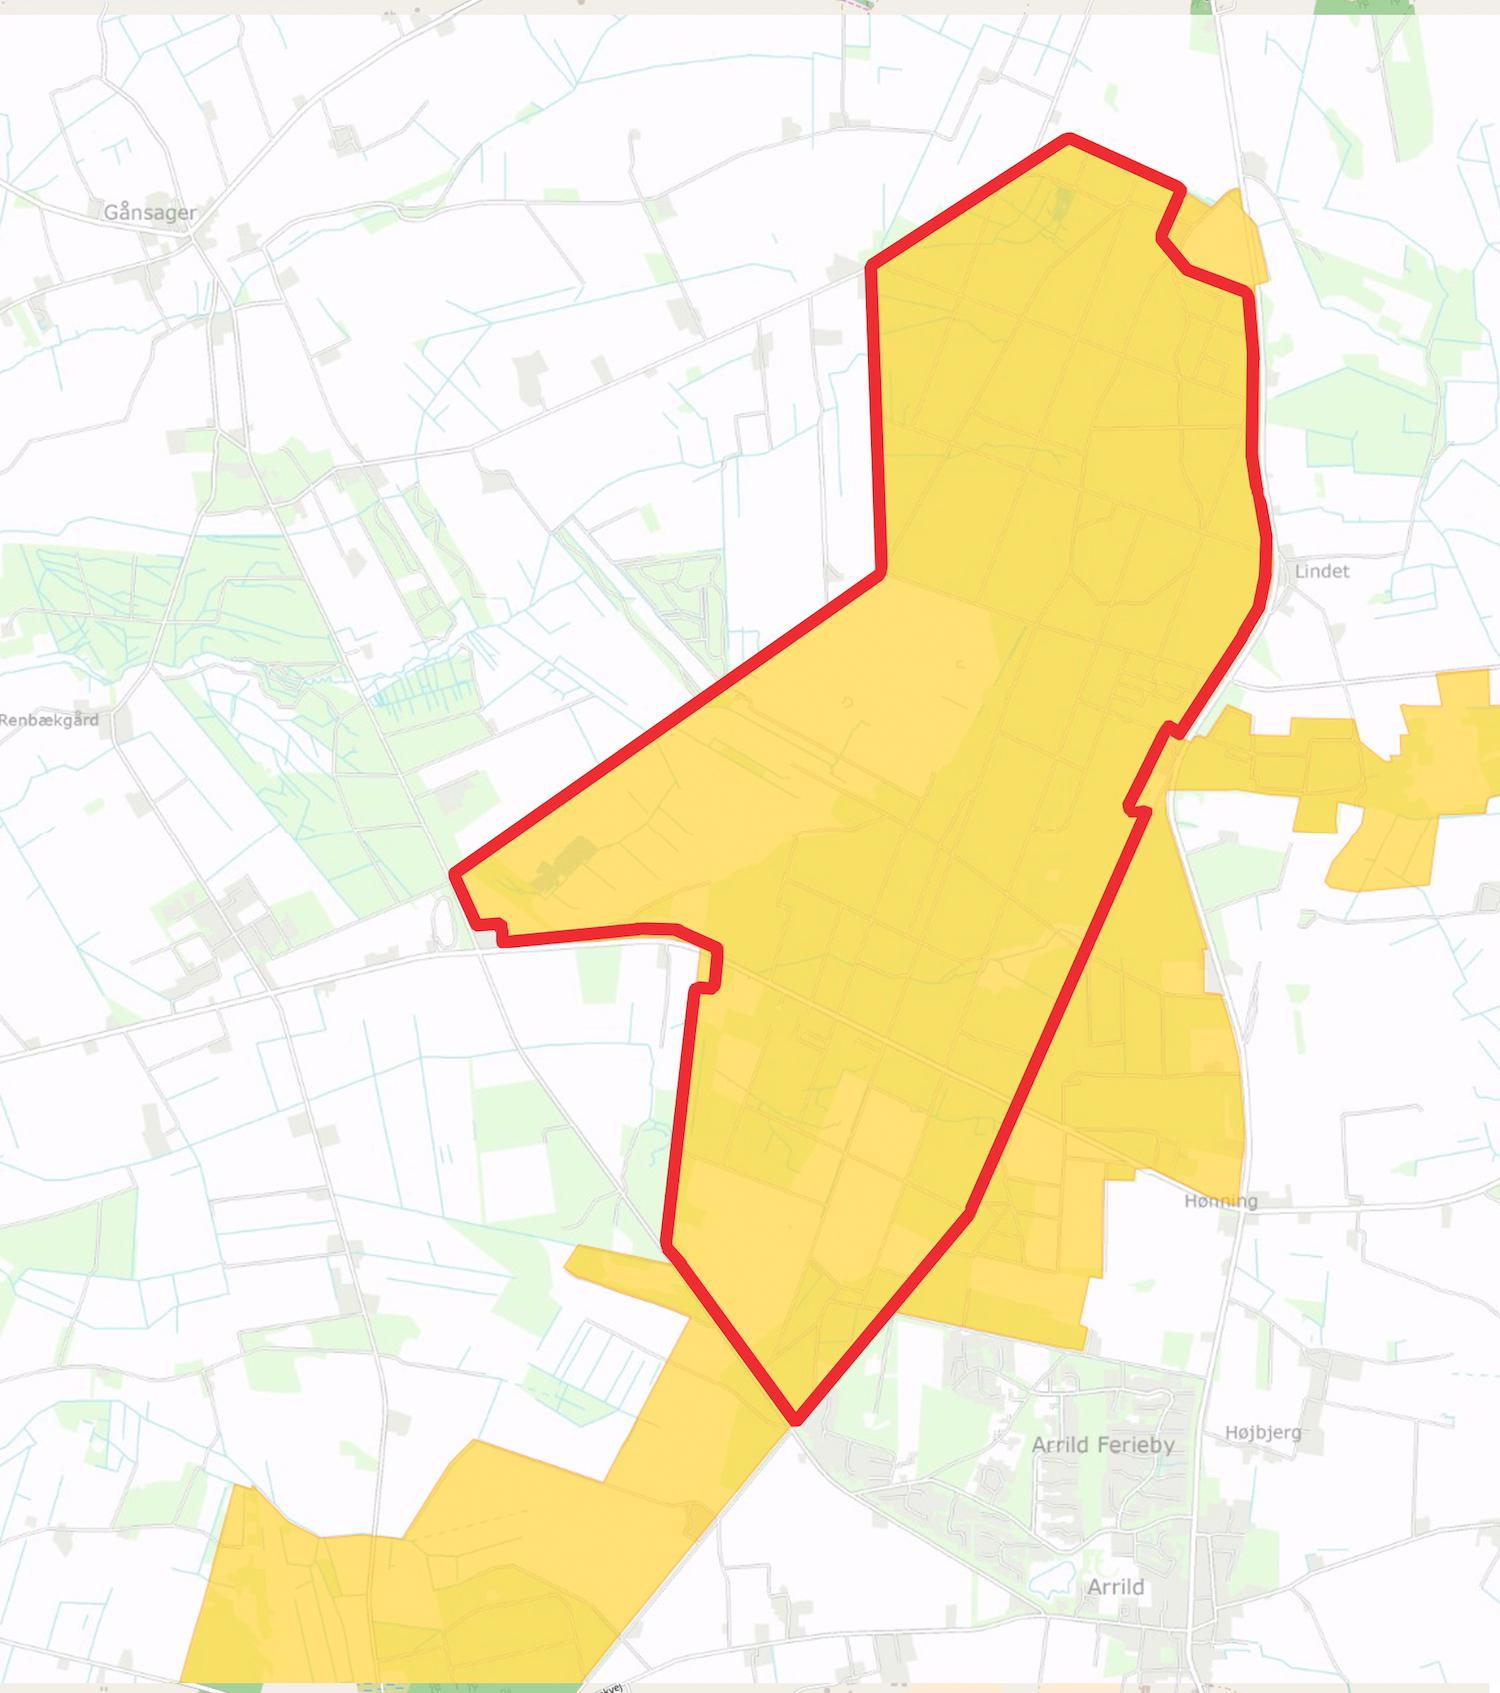 Forslaget til afgrænsningen af Naturnationalpark Lindet Skov & Hønning Mose overlapper store dele af et Natura 2000-område, hvor Danmark i forvejen er forpligtet til at yde en særlig indsats til gavn for biodiversiteten.